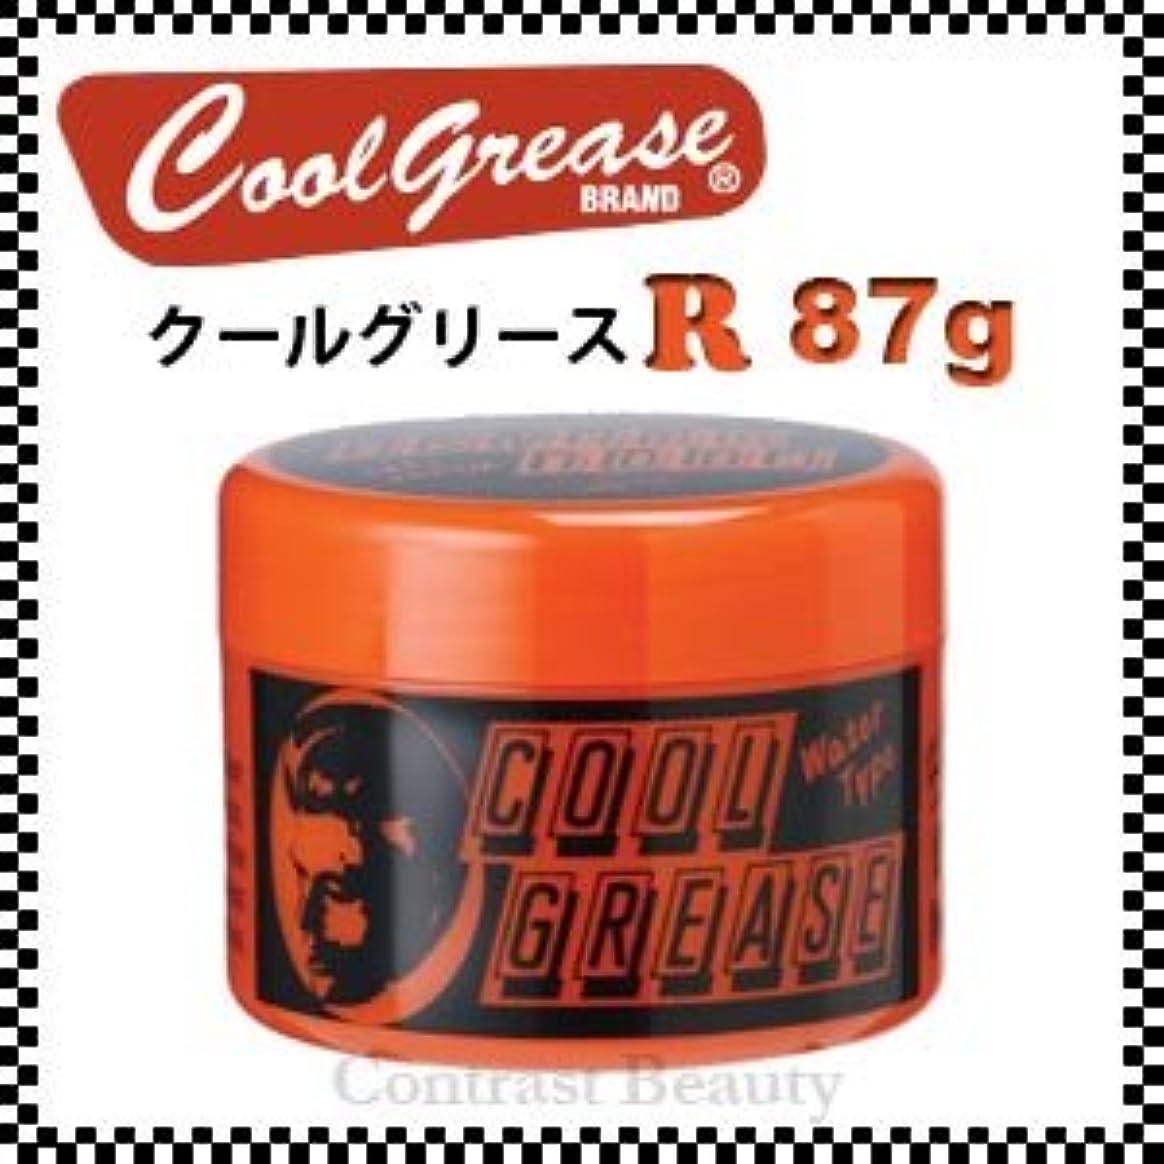 腐食する天皇同じ【X2個セット】 阪本高生堂 クールグリース R 87g